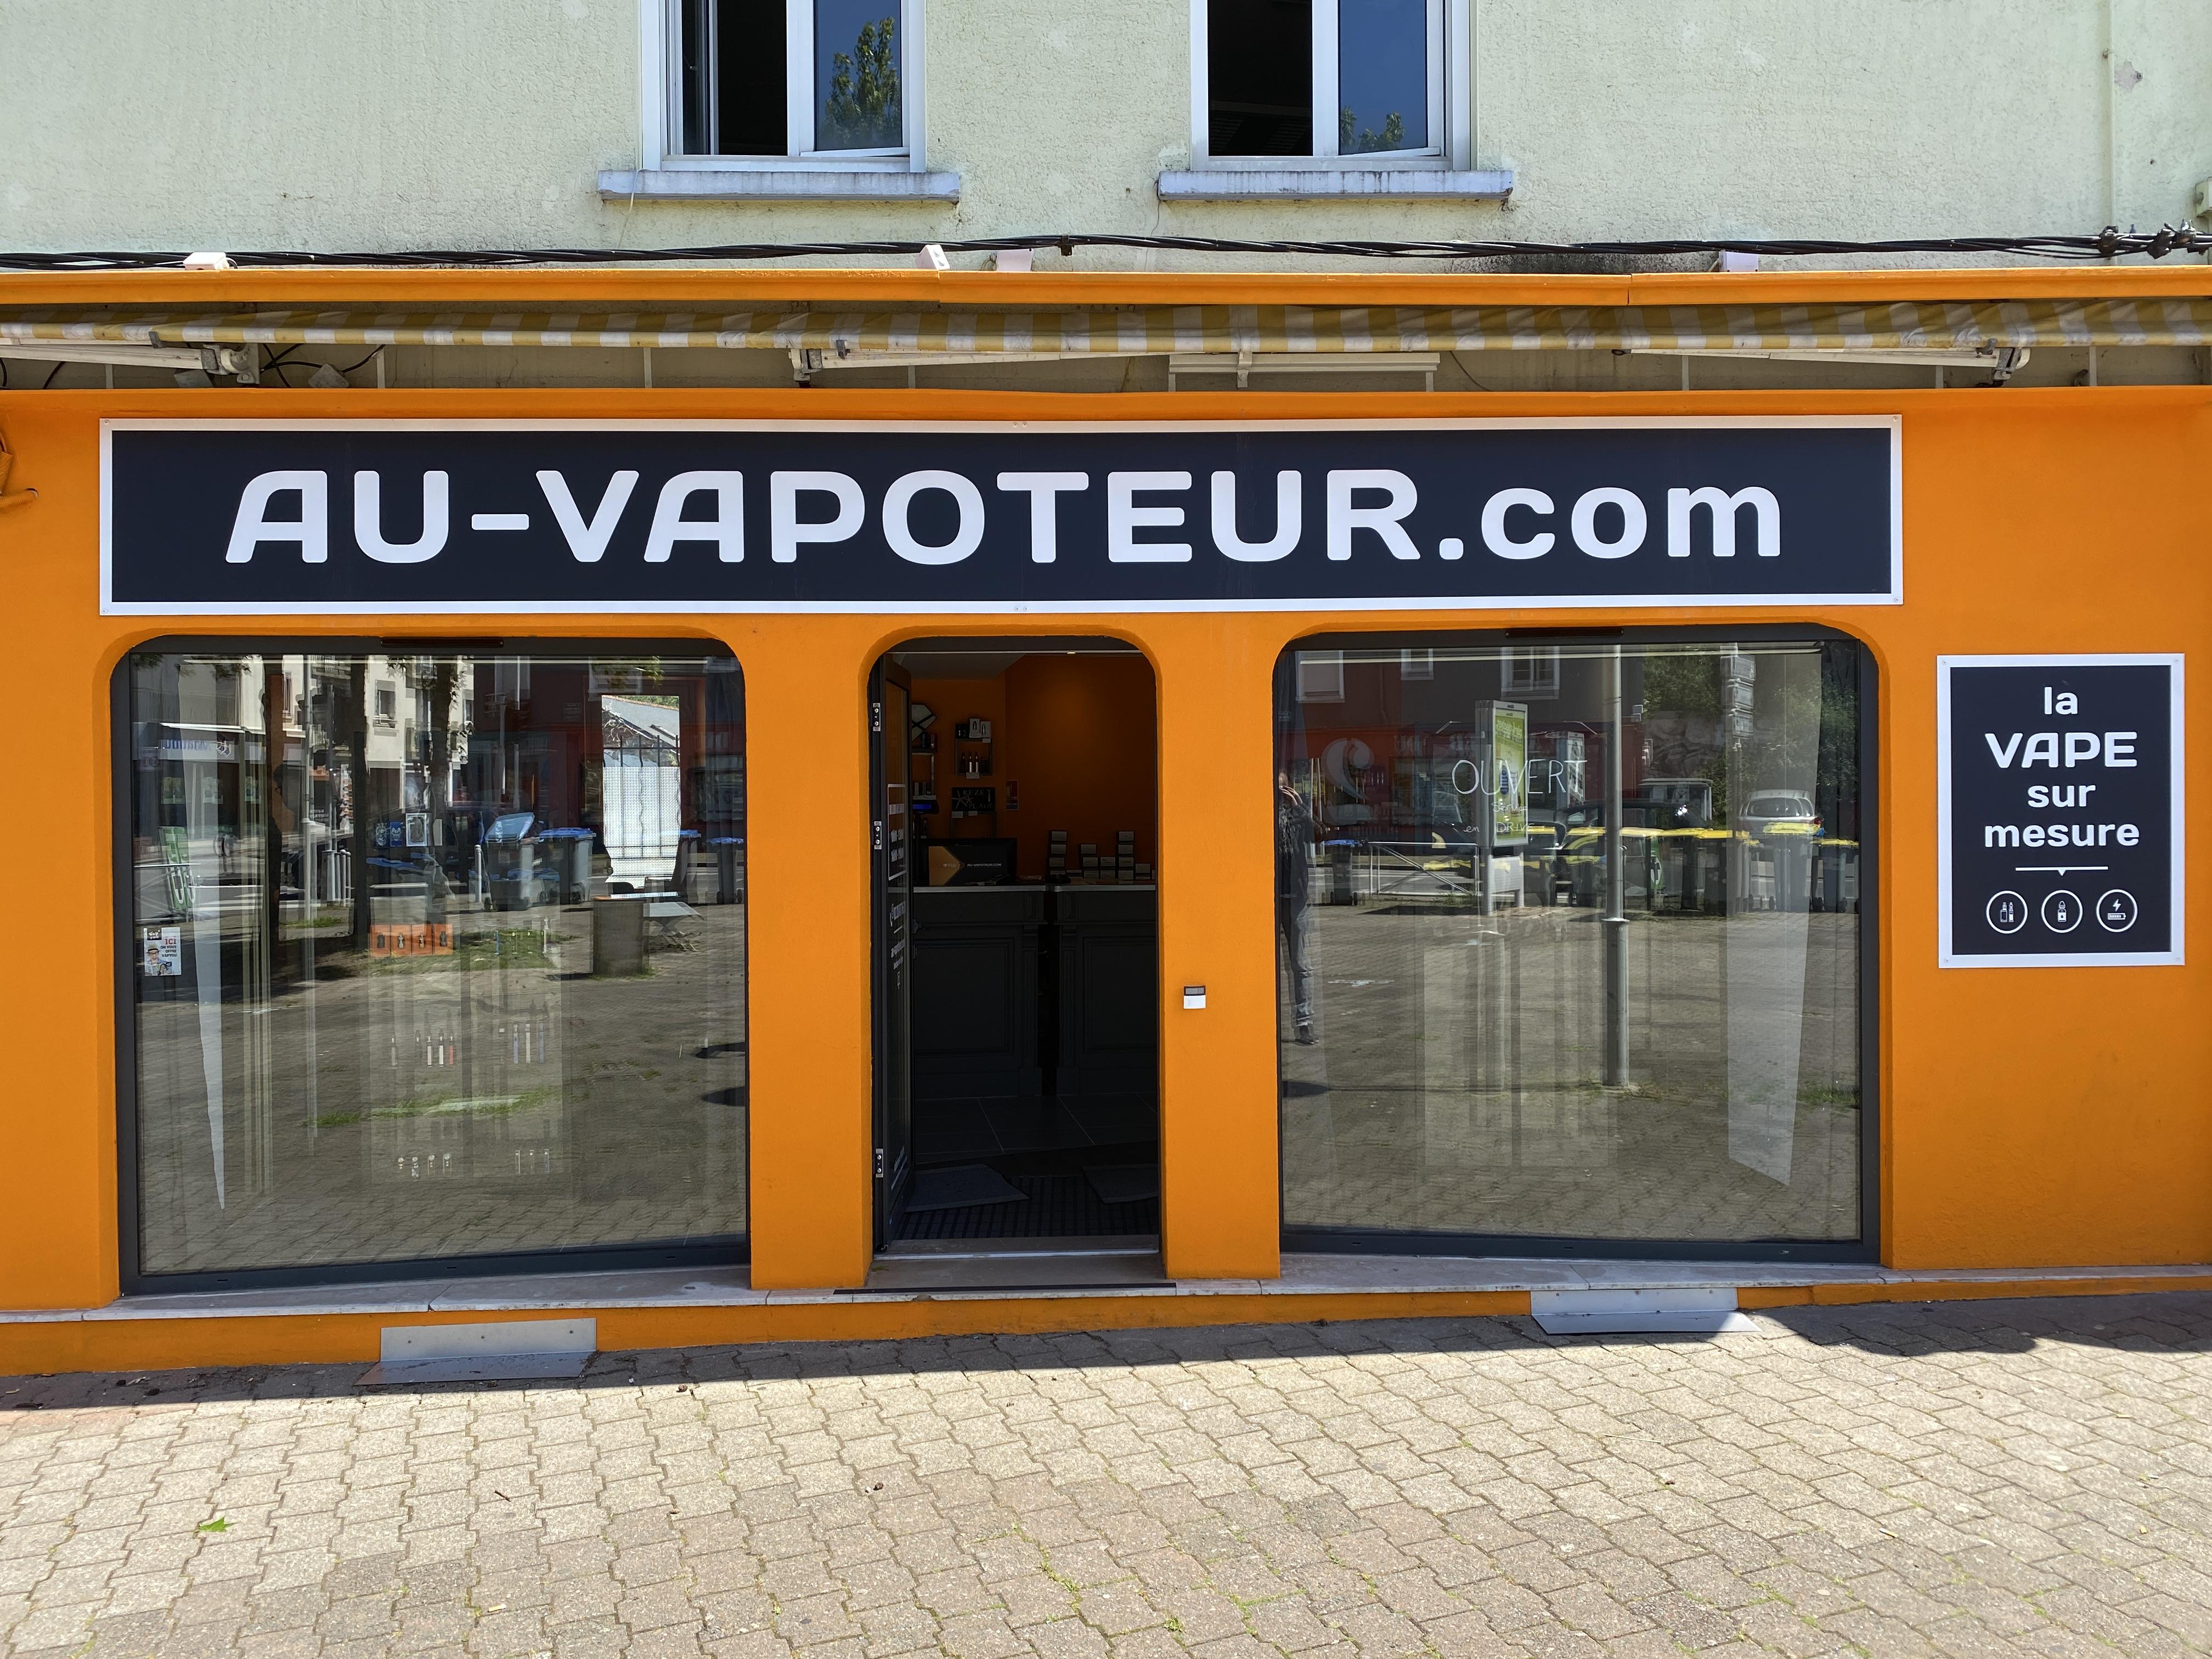 Boutique de vape spécialisée AU-VAPOTEUR.COM située à REZé